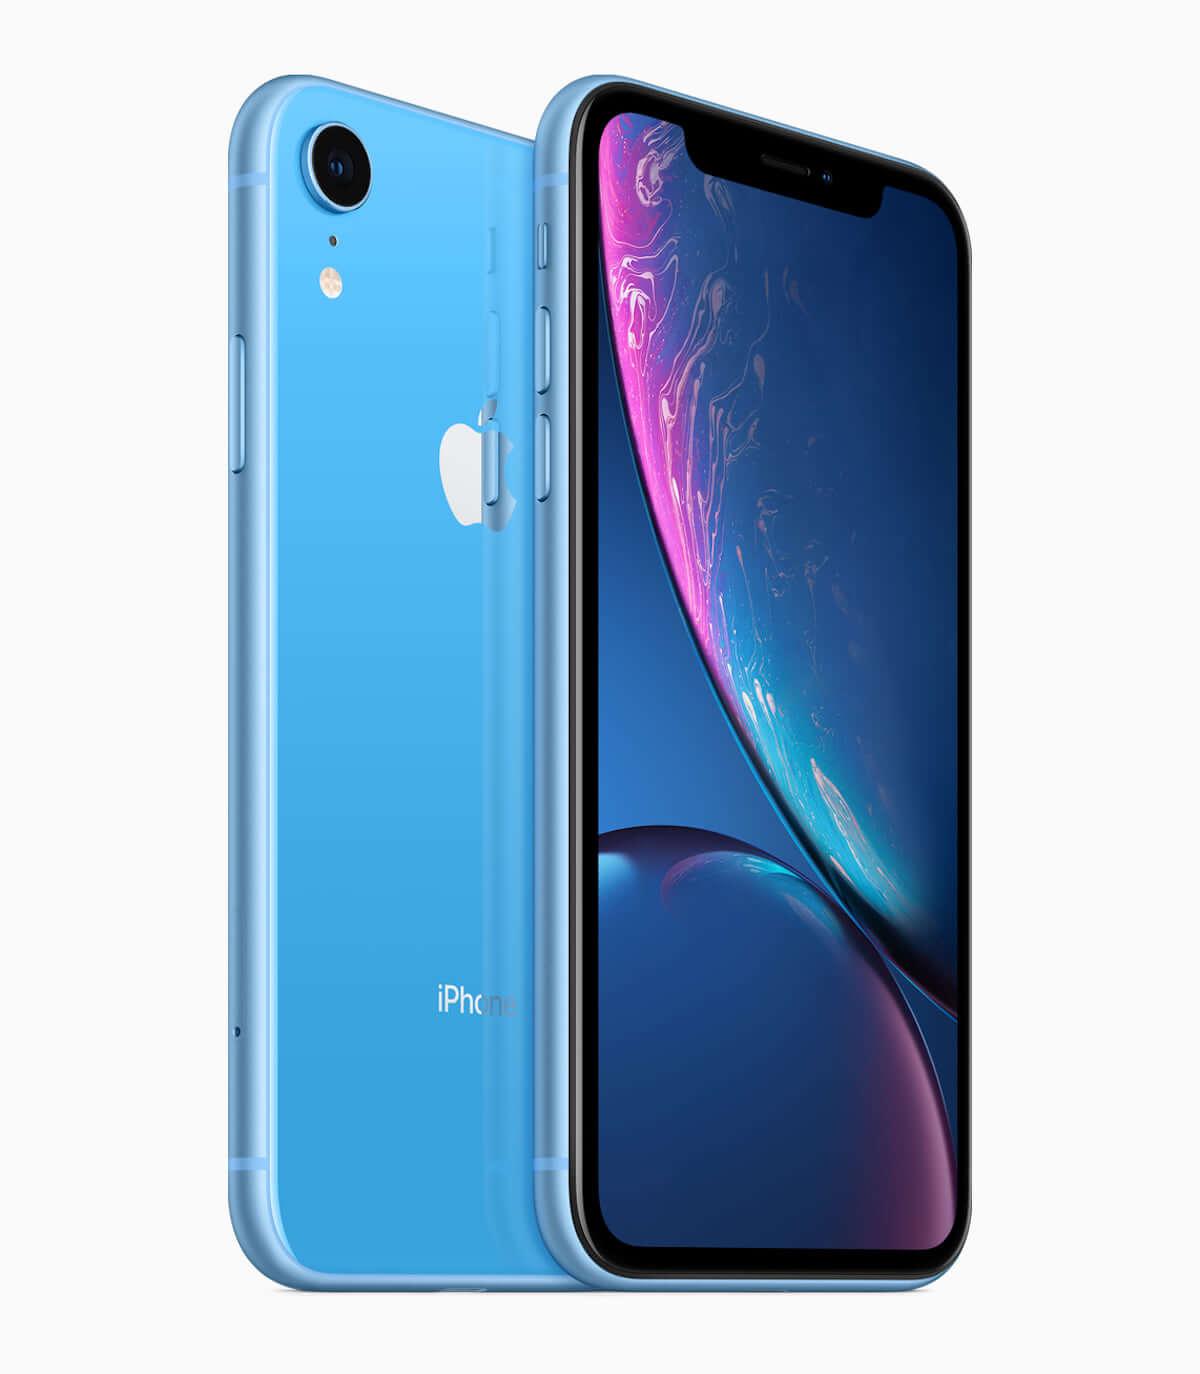 iPhone XRの店頭在庫状況。ホワイト、ブラックは在庫豊富、イエロー、ブルーは品薄? technology181022_iphone-xr_2-1200x1374